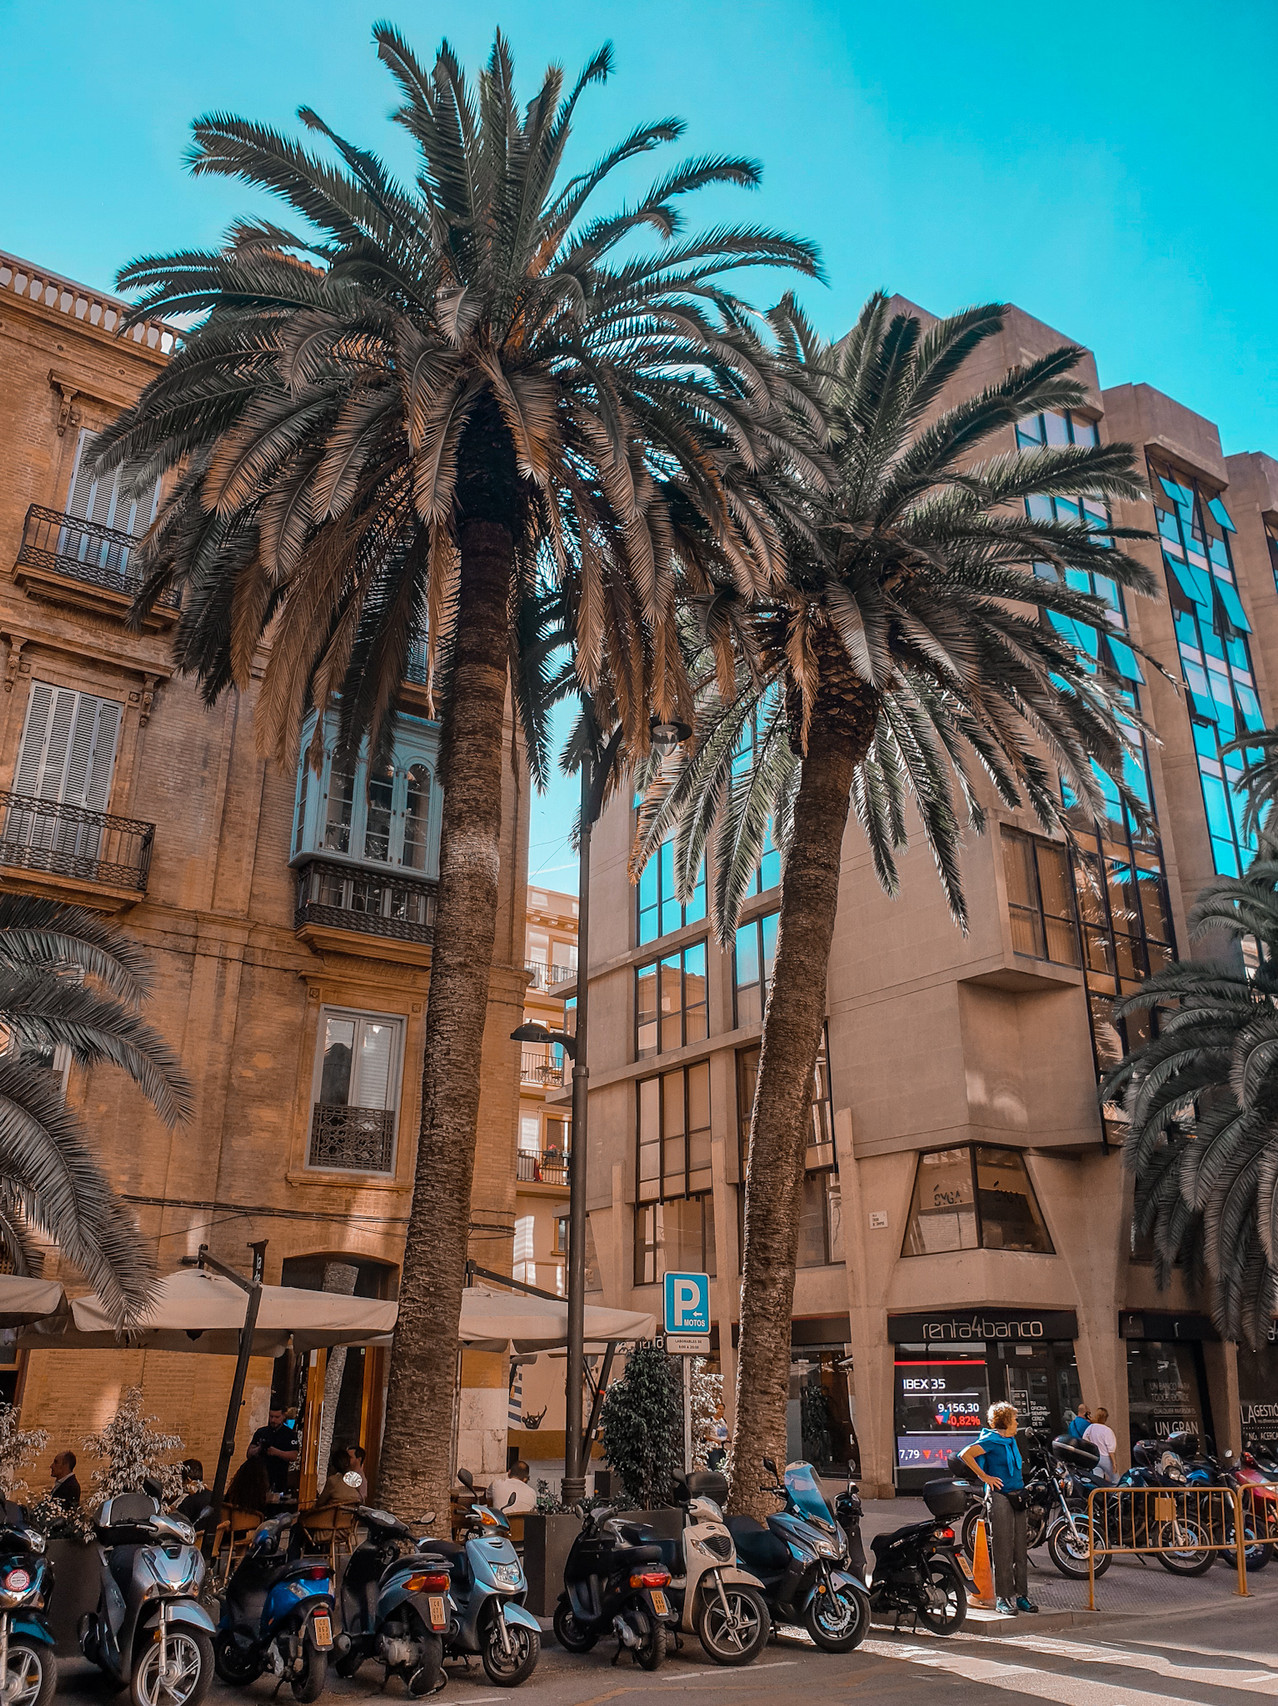 Malaga City by Olivia Libi